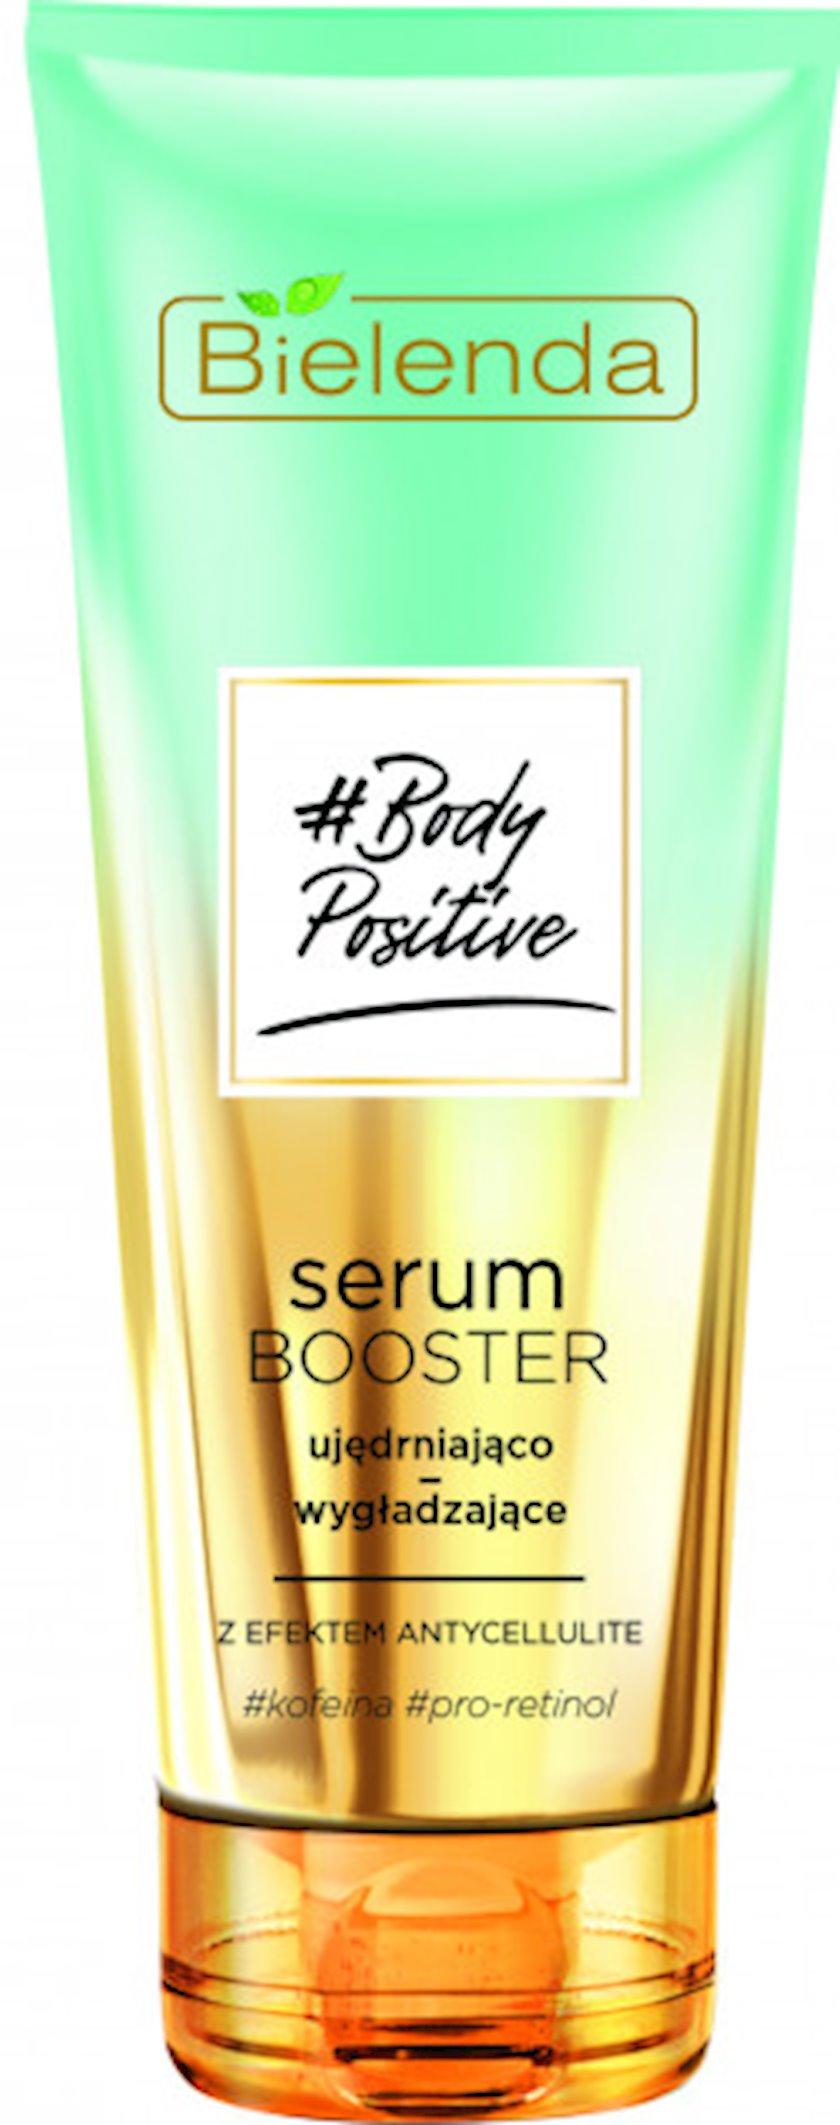 Serum Bielenda Body Positive Möhkəmləndirici və hamarlaşdırıcı antiselülit effekti ilə 250 ml